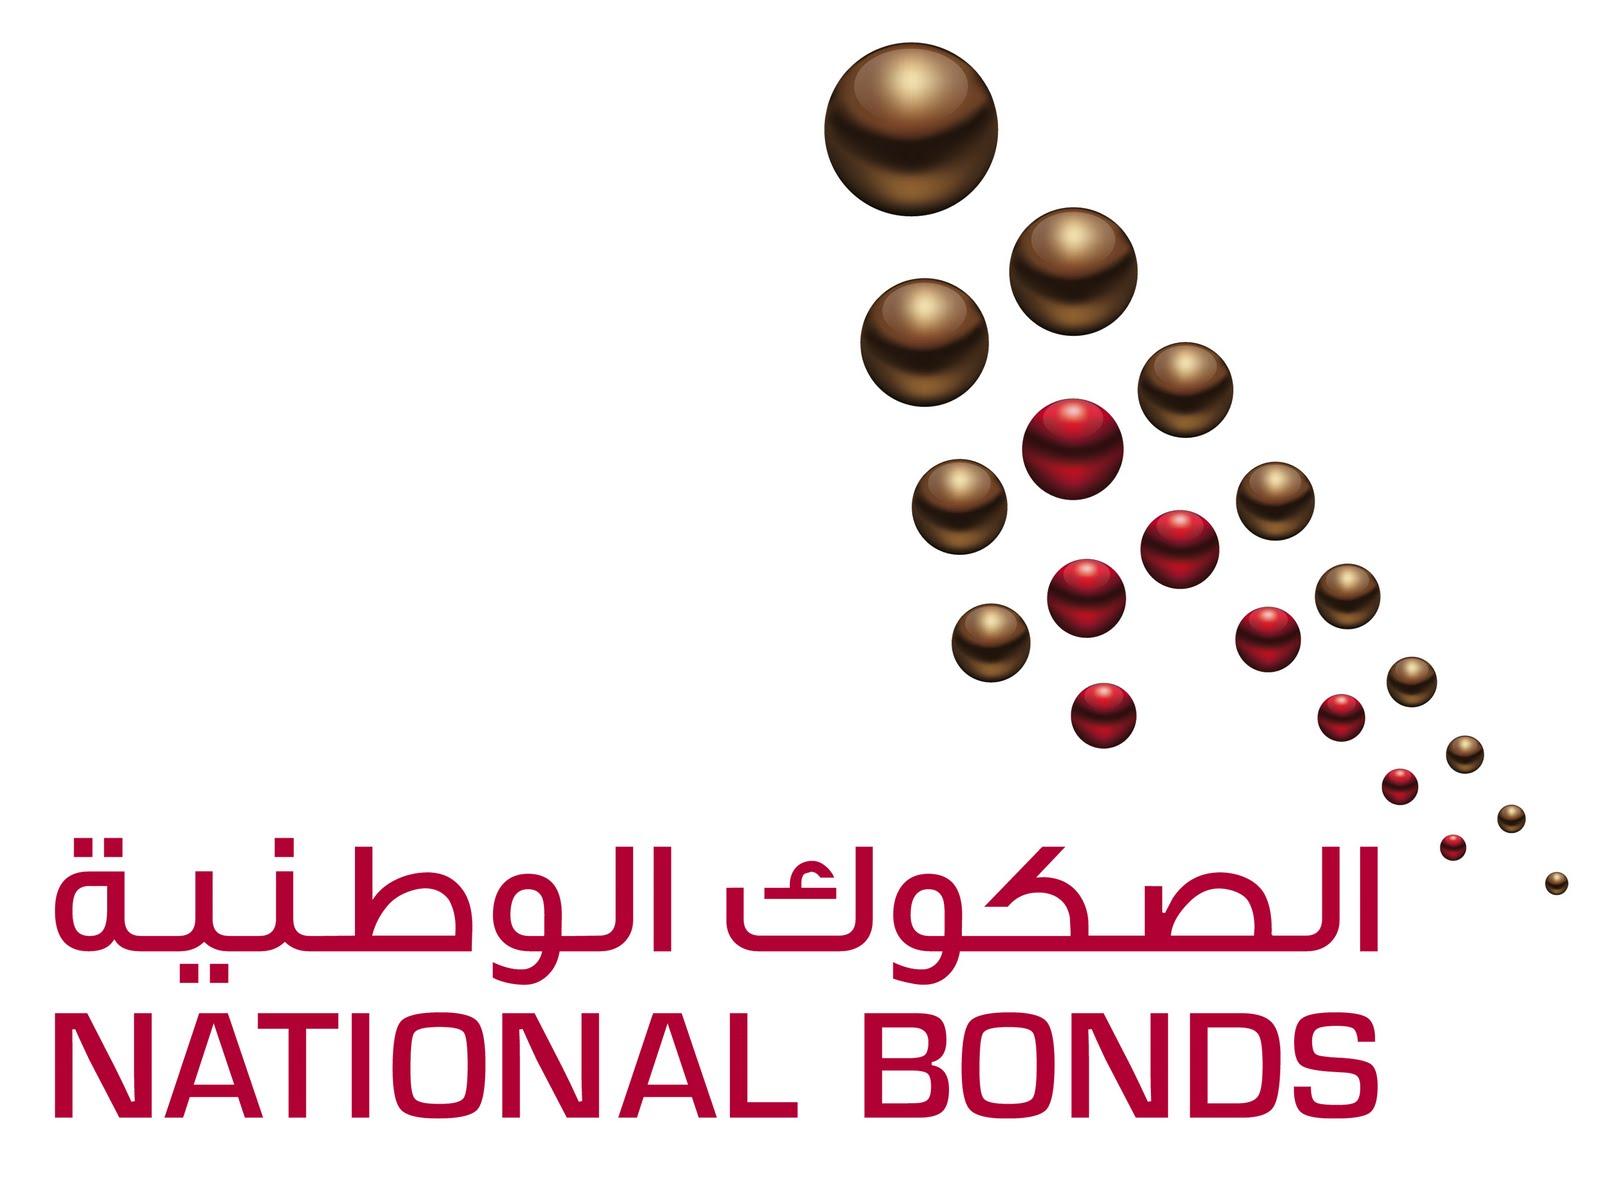 البنك المركزي العراقي يطرح سندات وطنية ( أسمية )